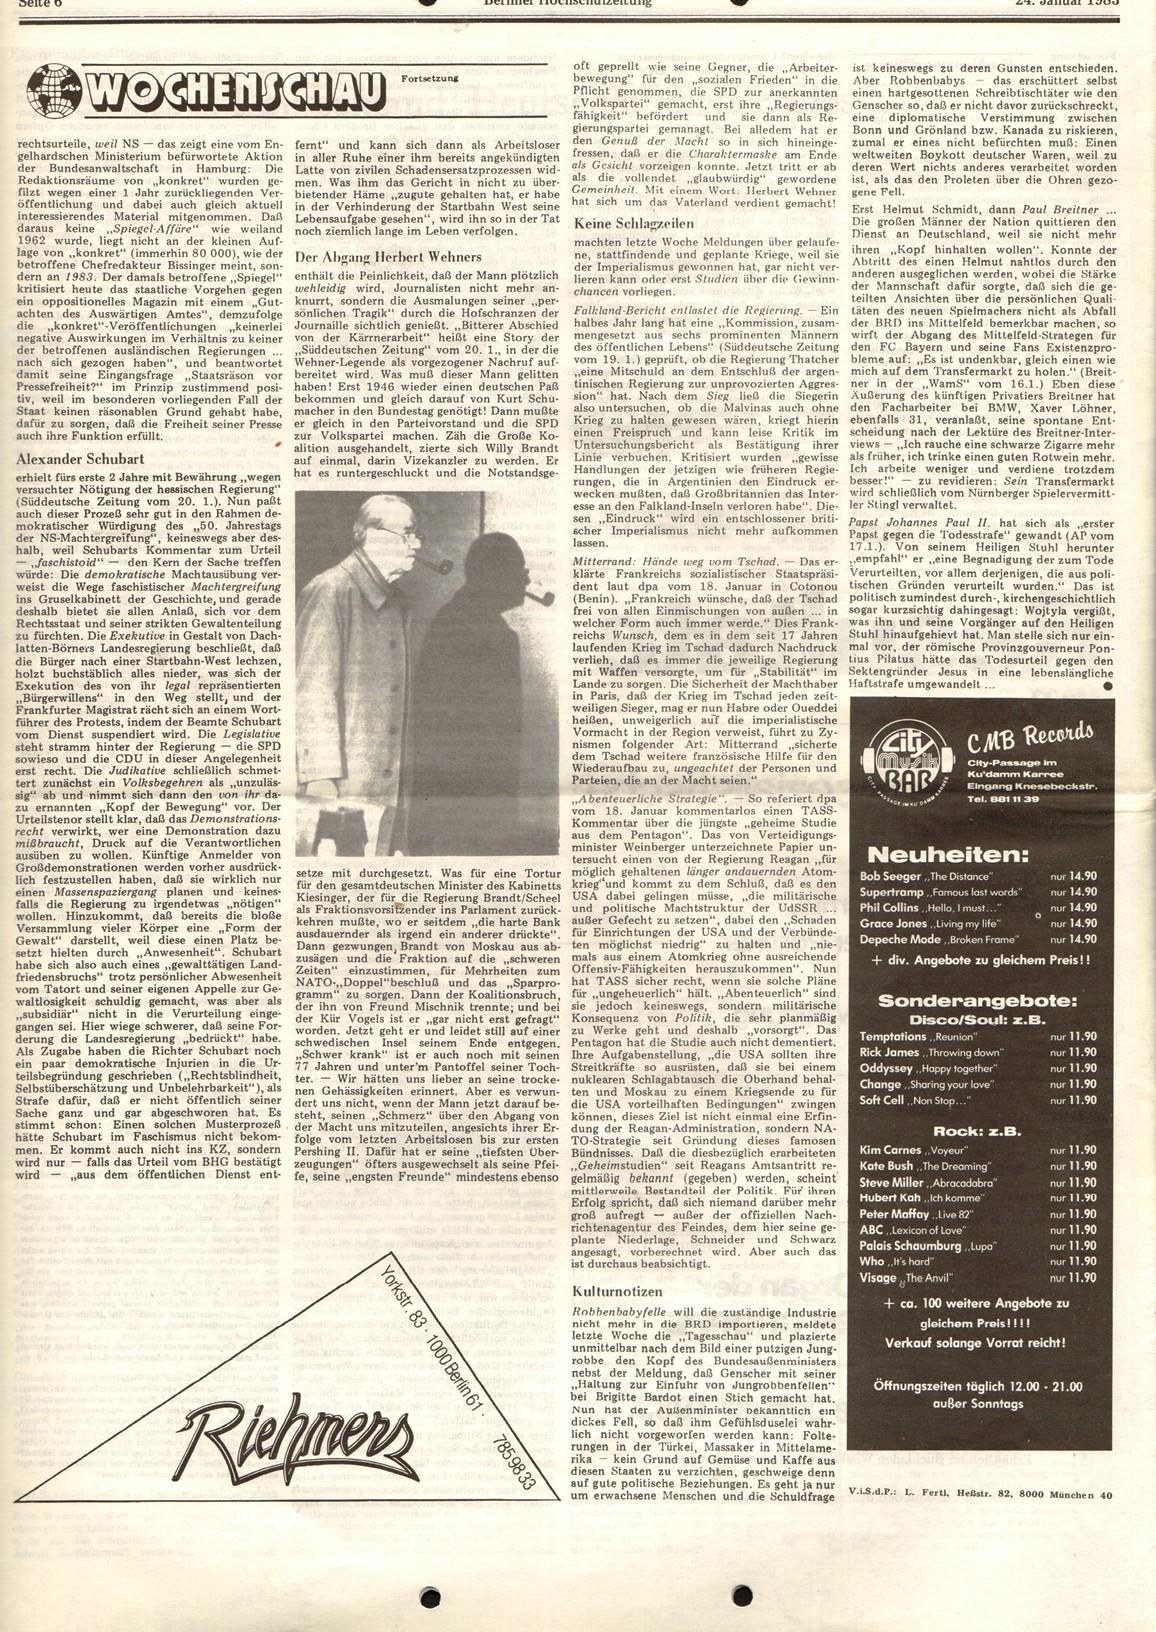 Berlin_MG_Hochschulzeitung_19830124_06